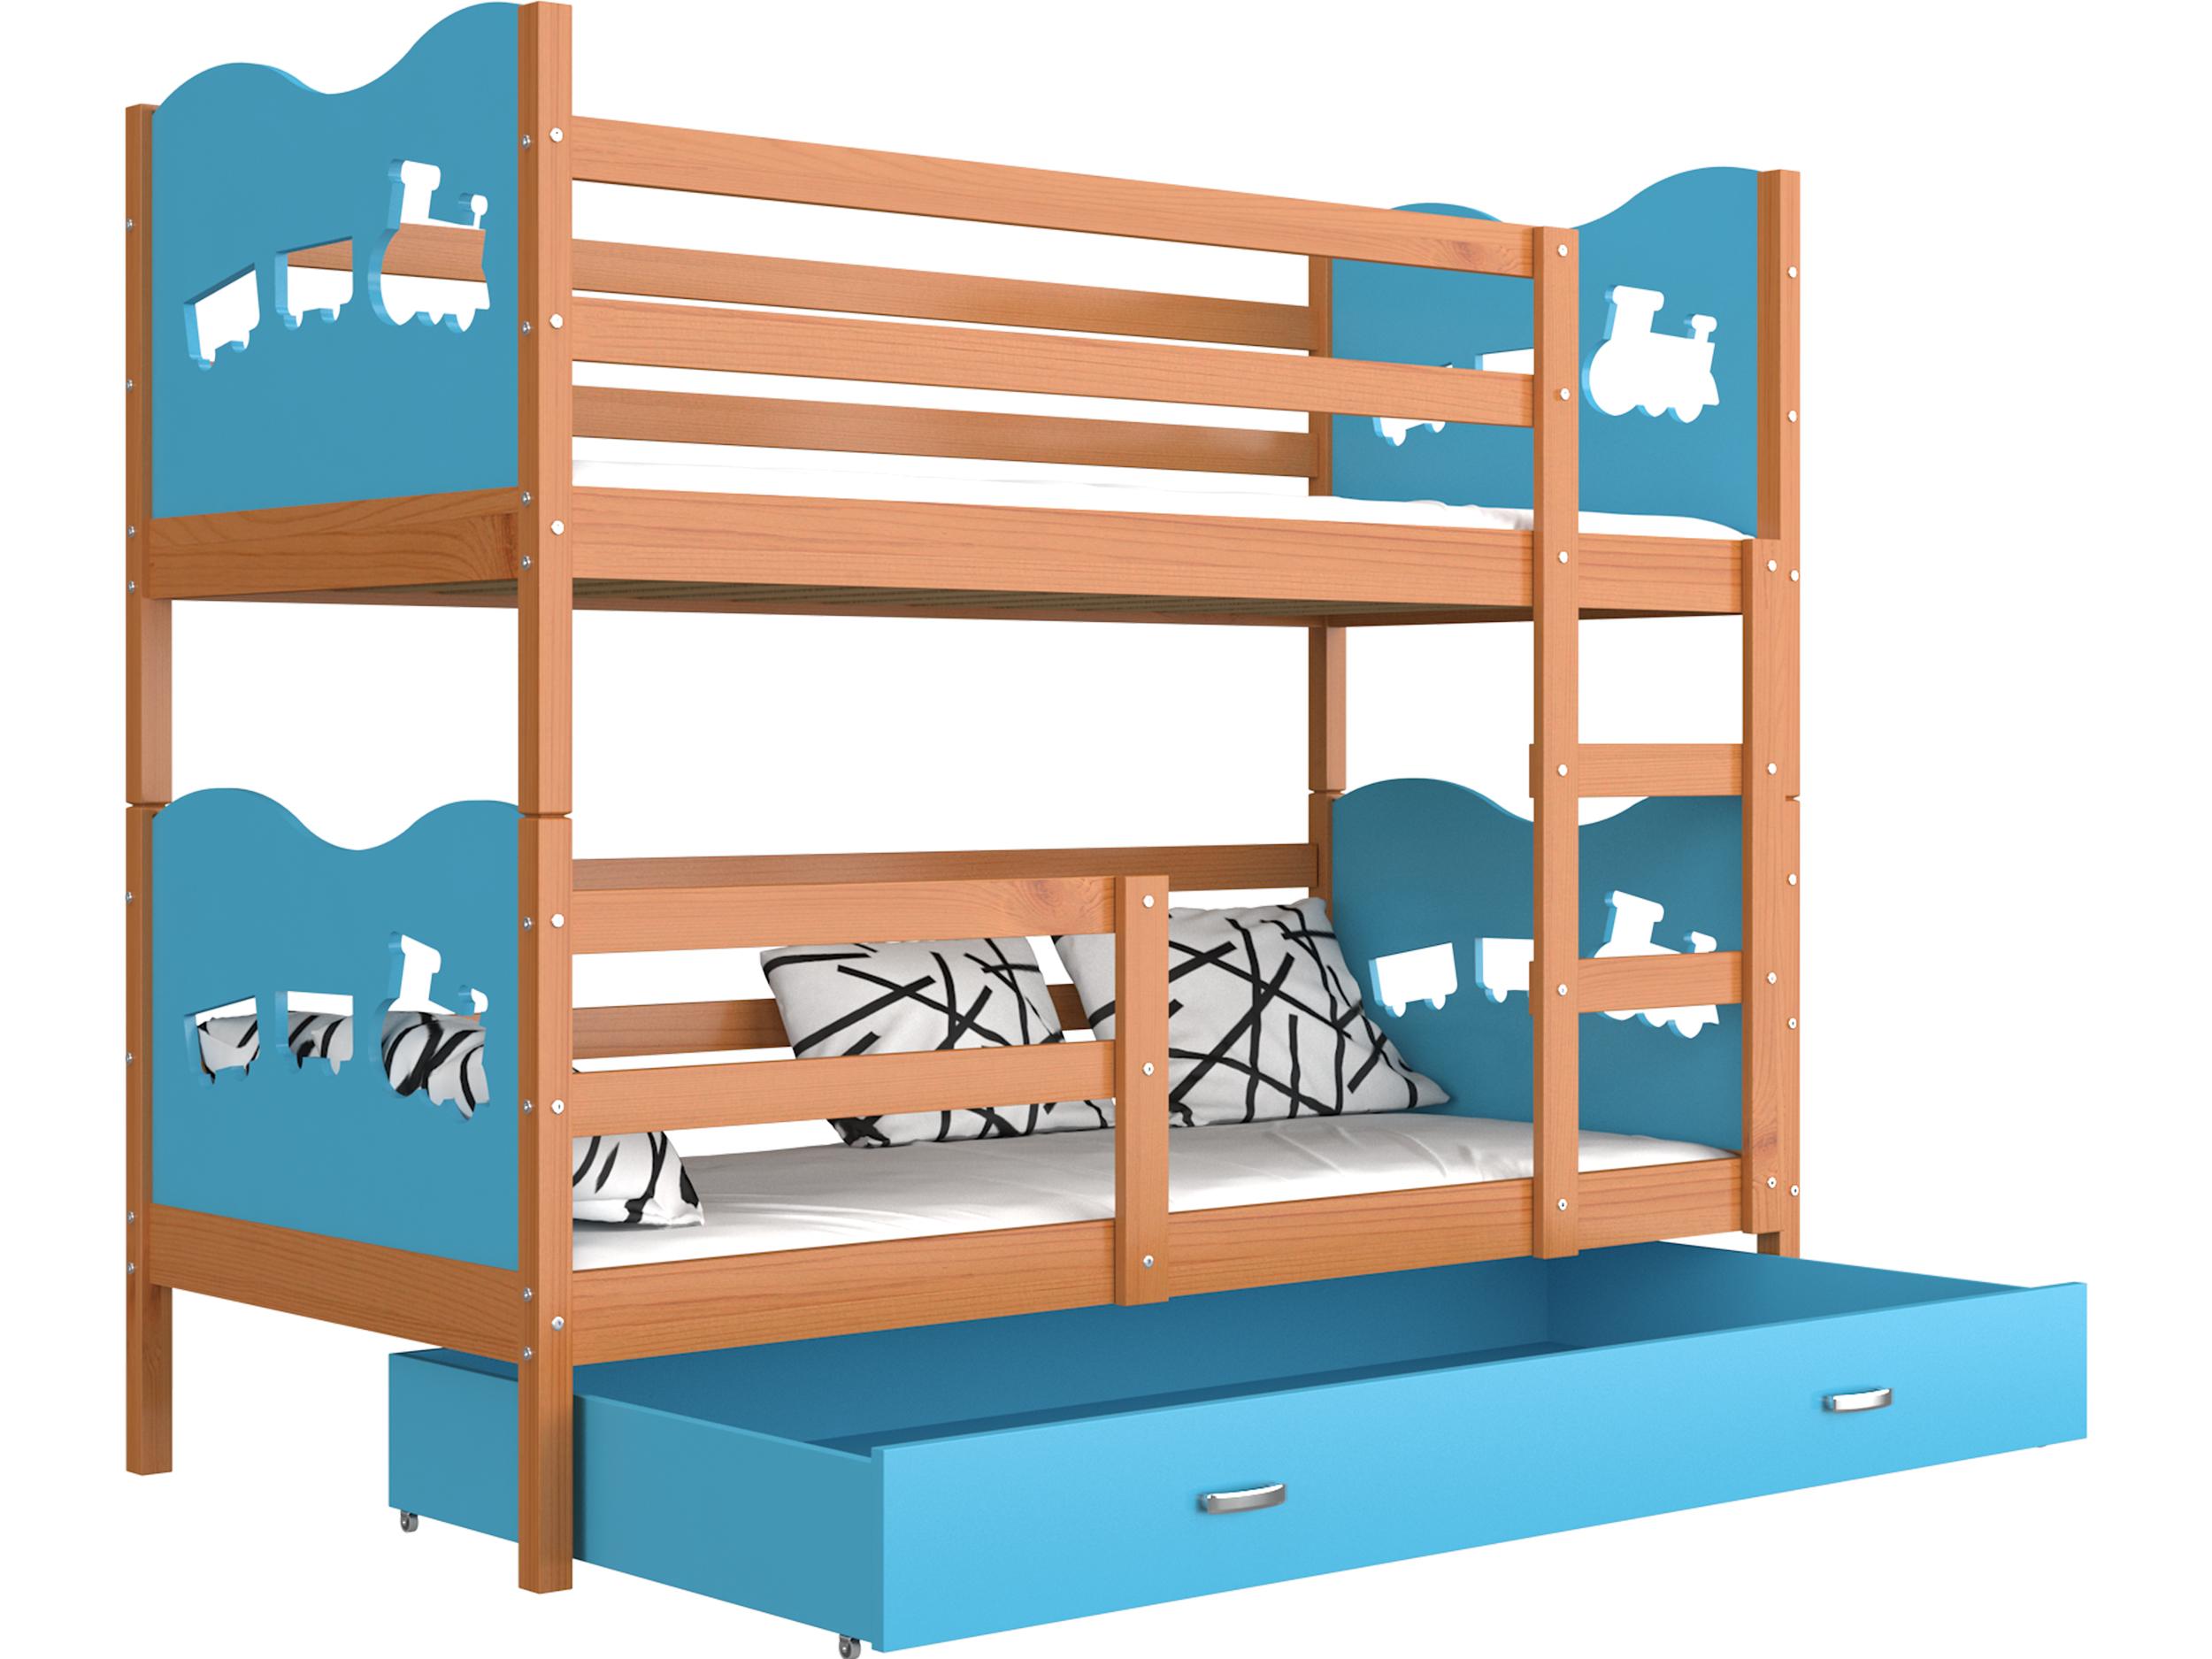 ArtAJ Detská poschodová posteľ MAX drevo / MDF 200 x 90 cm Farba: jelša / modrá 200 x 90 cm, s matracom